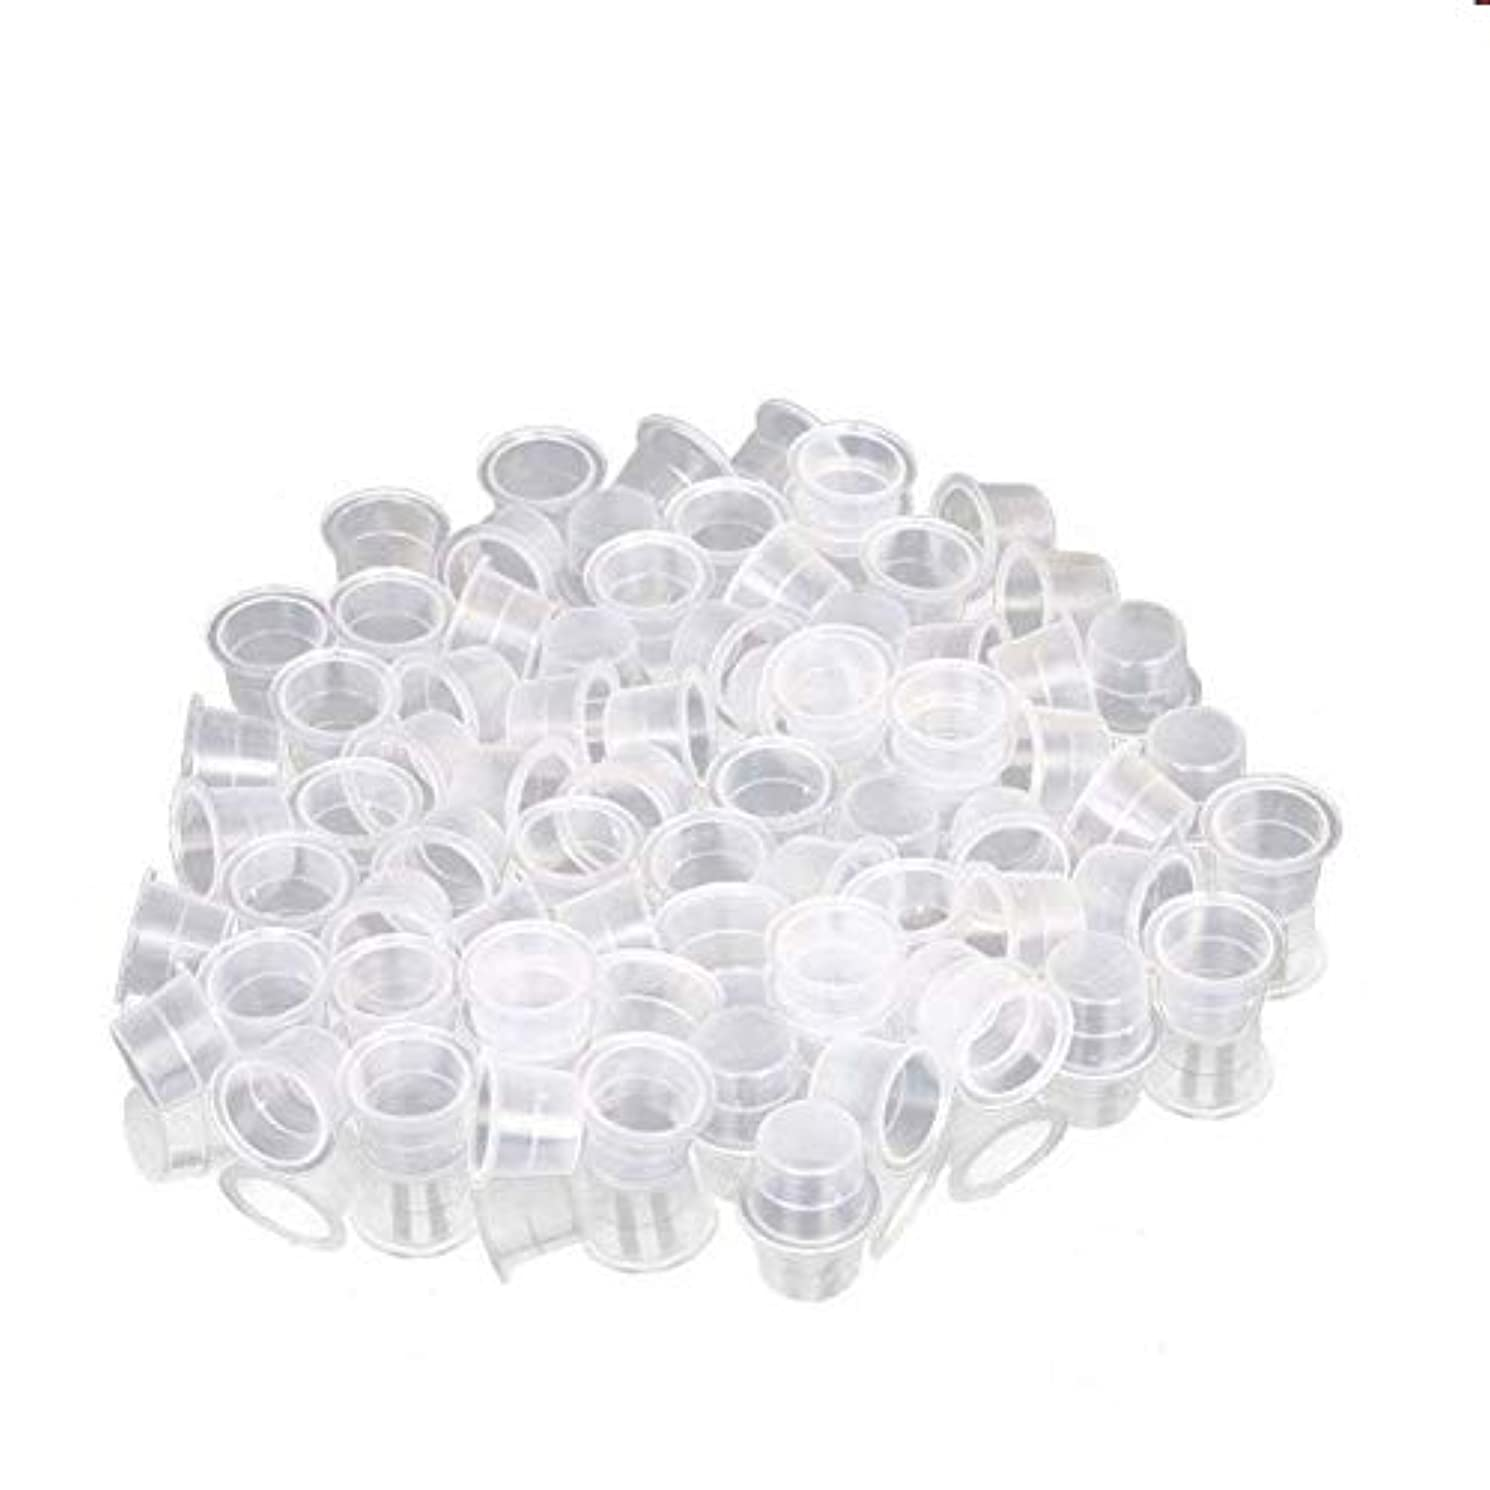 ラダシャーハブインクカップ、顔料カップ、顔料ボックス ディスポーザブル、シリコーン製颜料ツール、キッ100個のための小さな染料皿